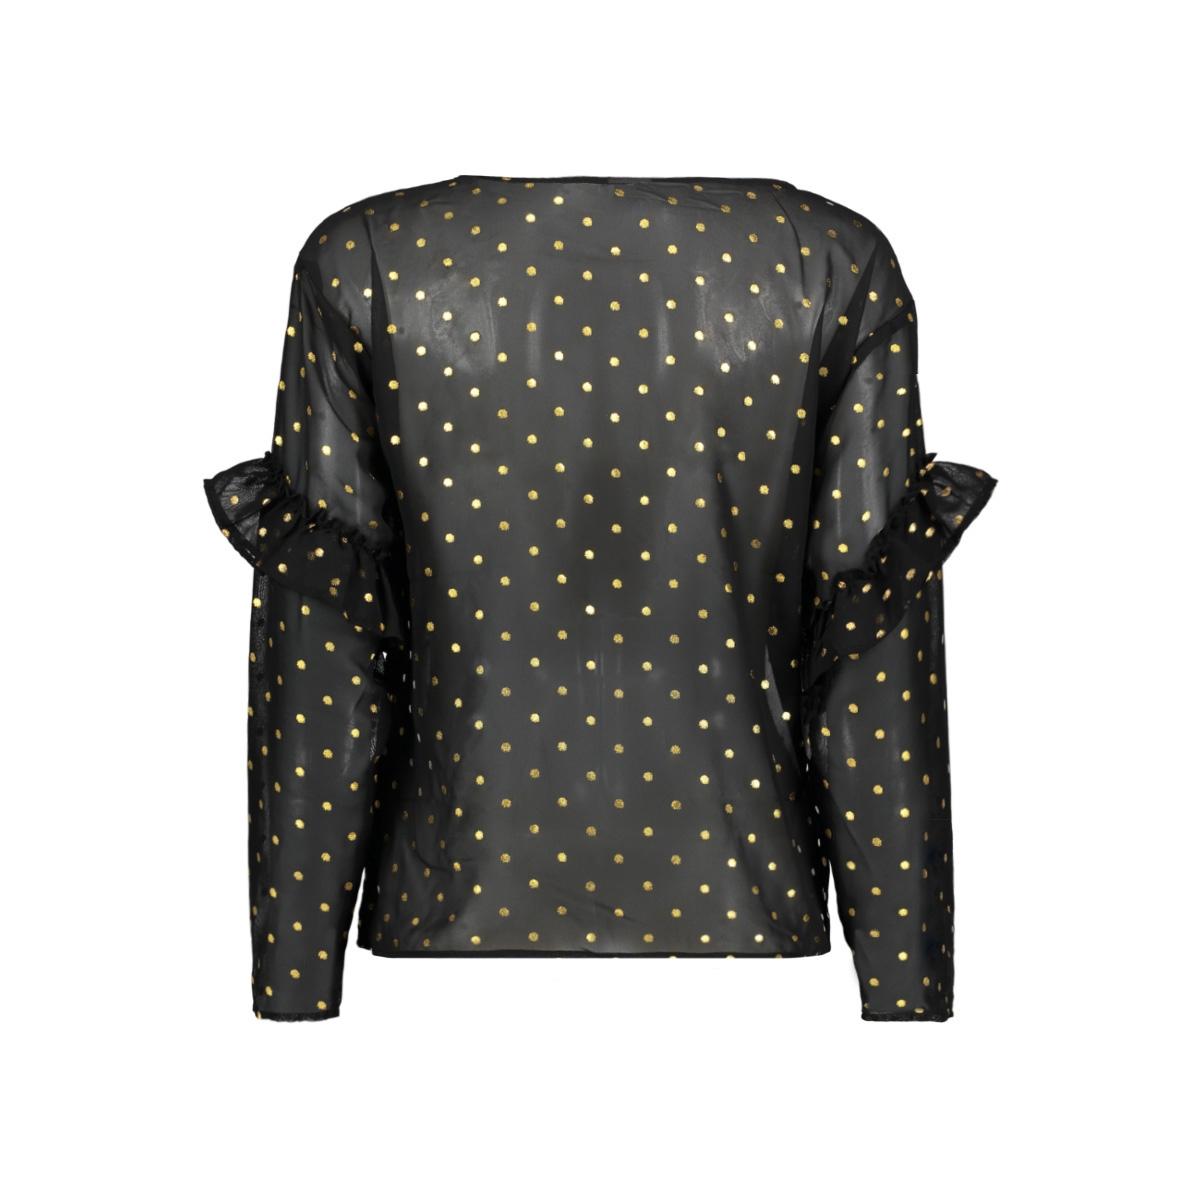 jdymissy l/s frill foil top wvn 15145525 jacqueline de yong blouse black/gold dot